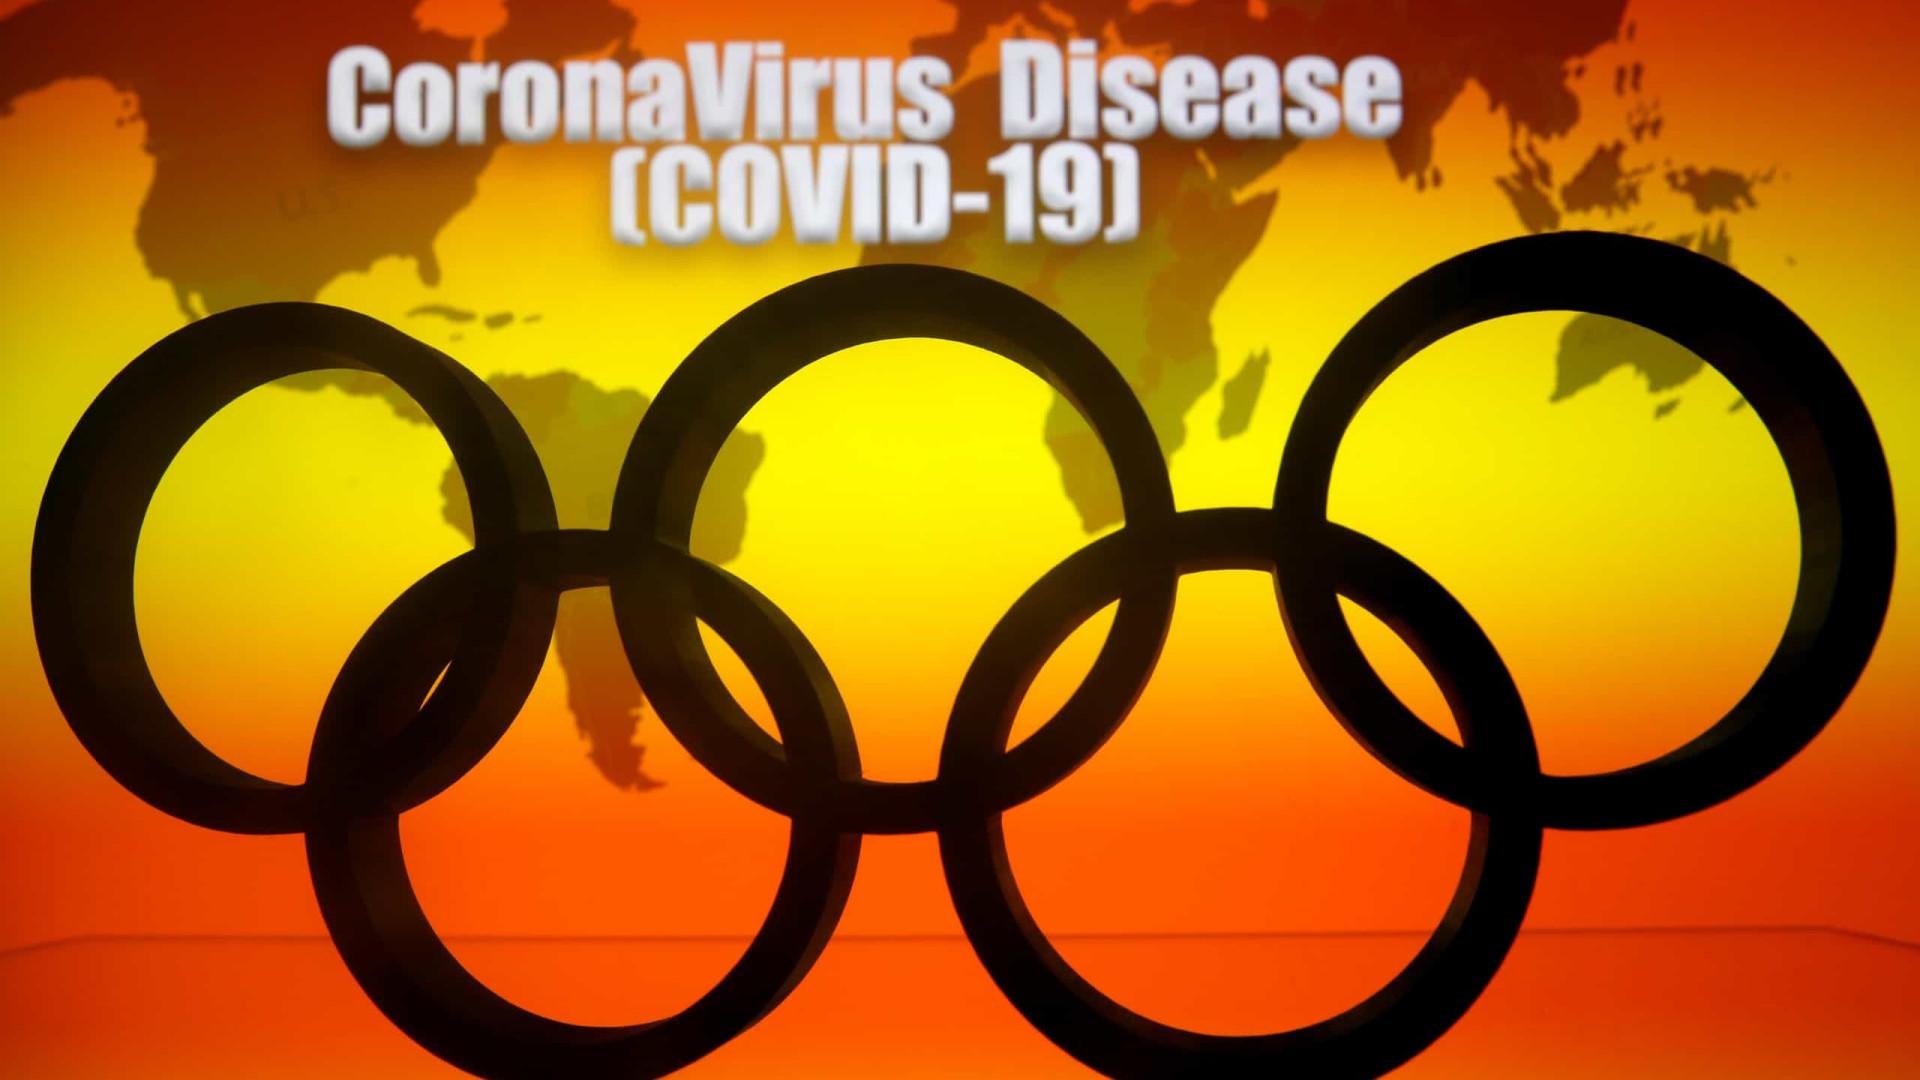 Jogos Olímpicos de Tóquio serão adiados, afirma governo japonês